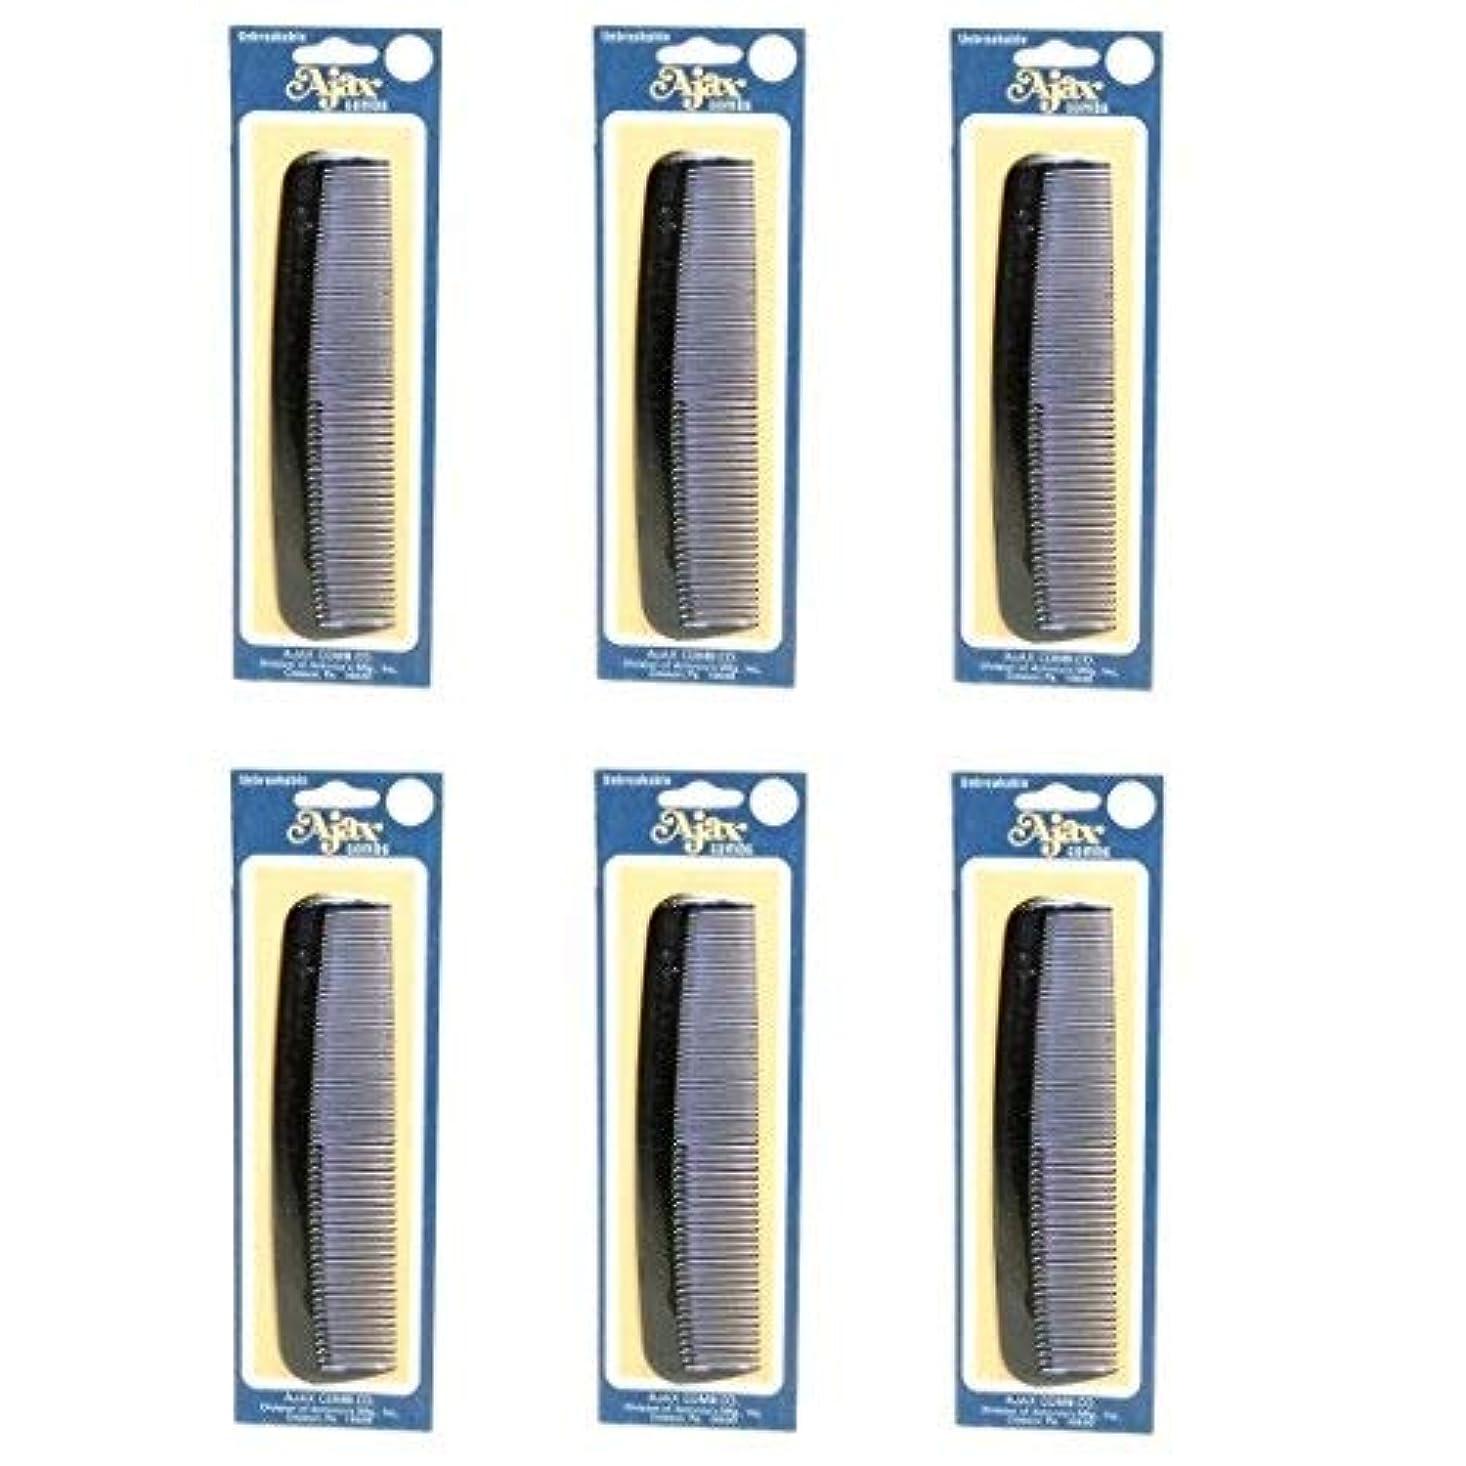 に対処する地上でコンテンツAjax Unbreakable Hair Combs Super Flexible Pocket Sized Lifetime Guarantee - Proudly Made in the USA (Pack of...